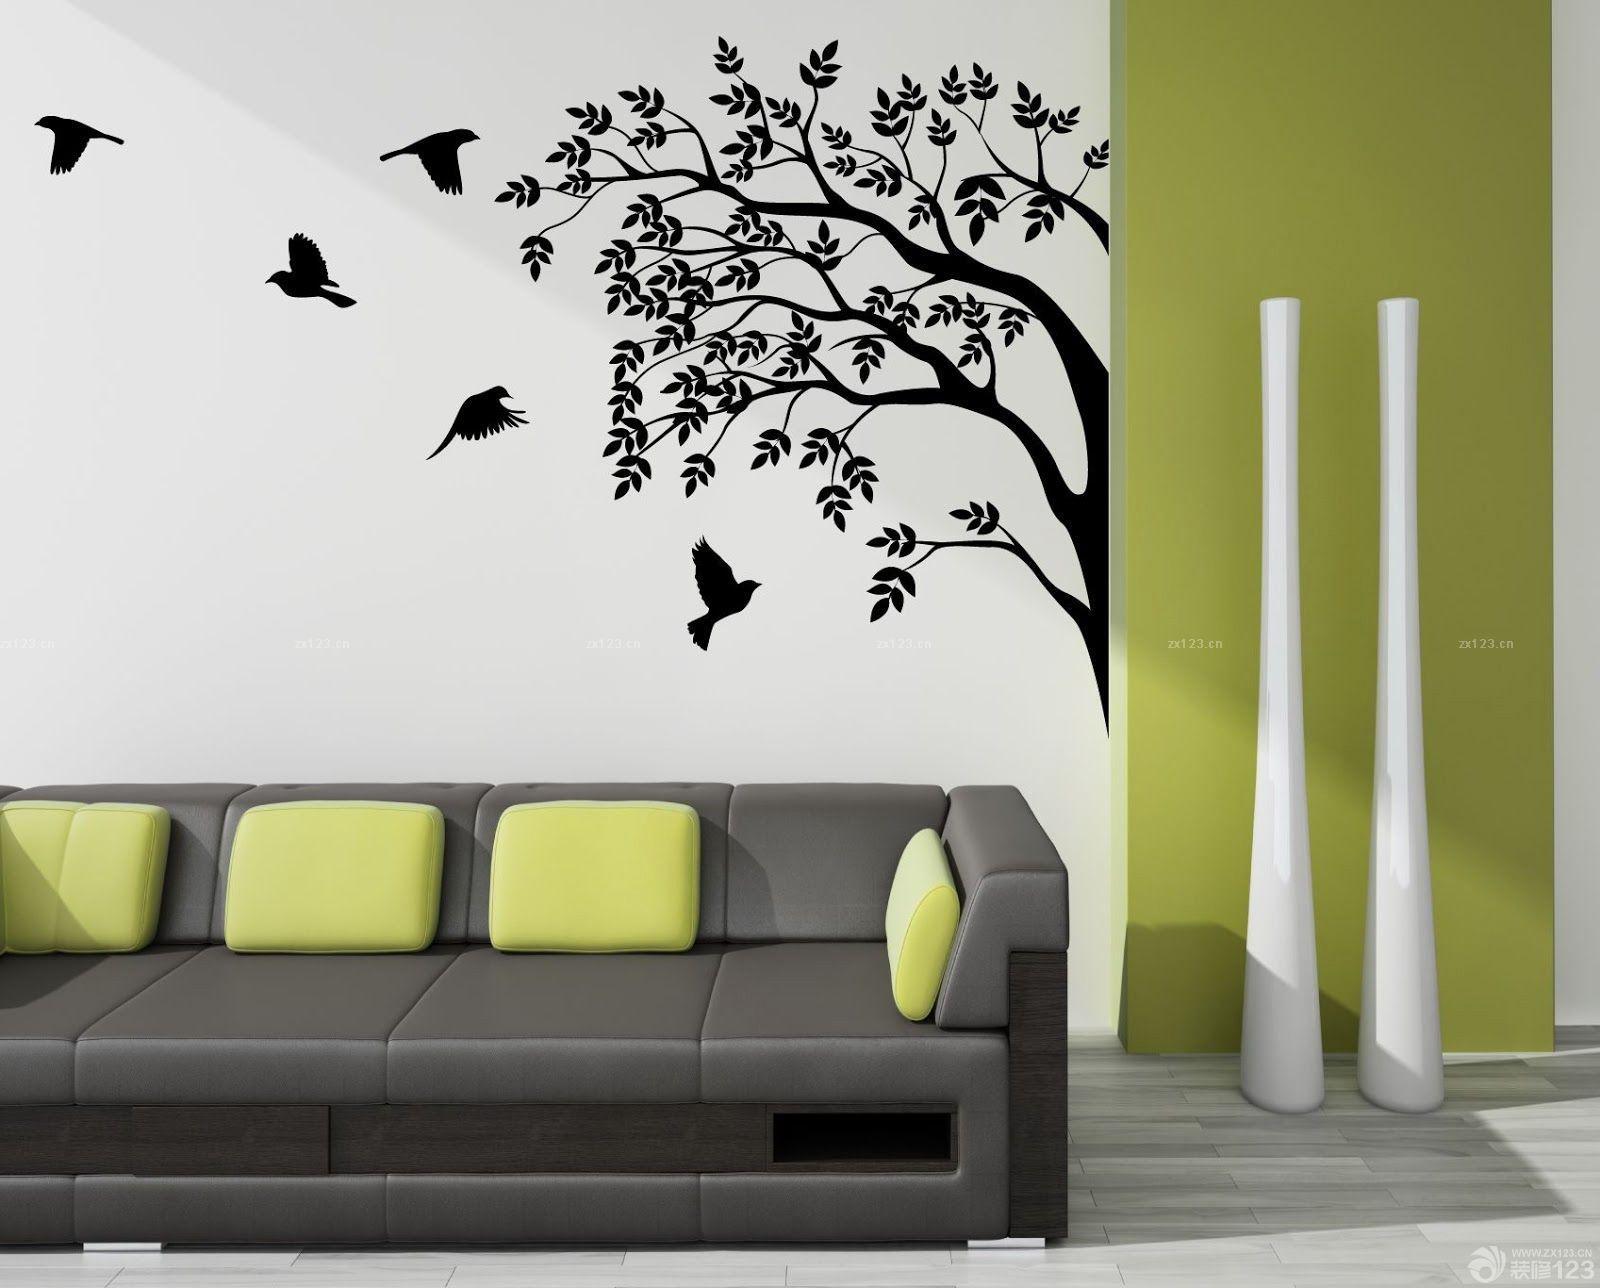 景德镇农村外墙绘画,景德镇涂鸦墙面,景德镇彩绘墙手绘